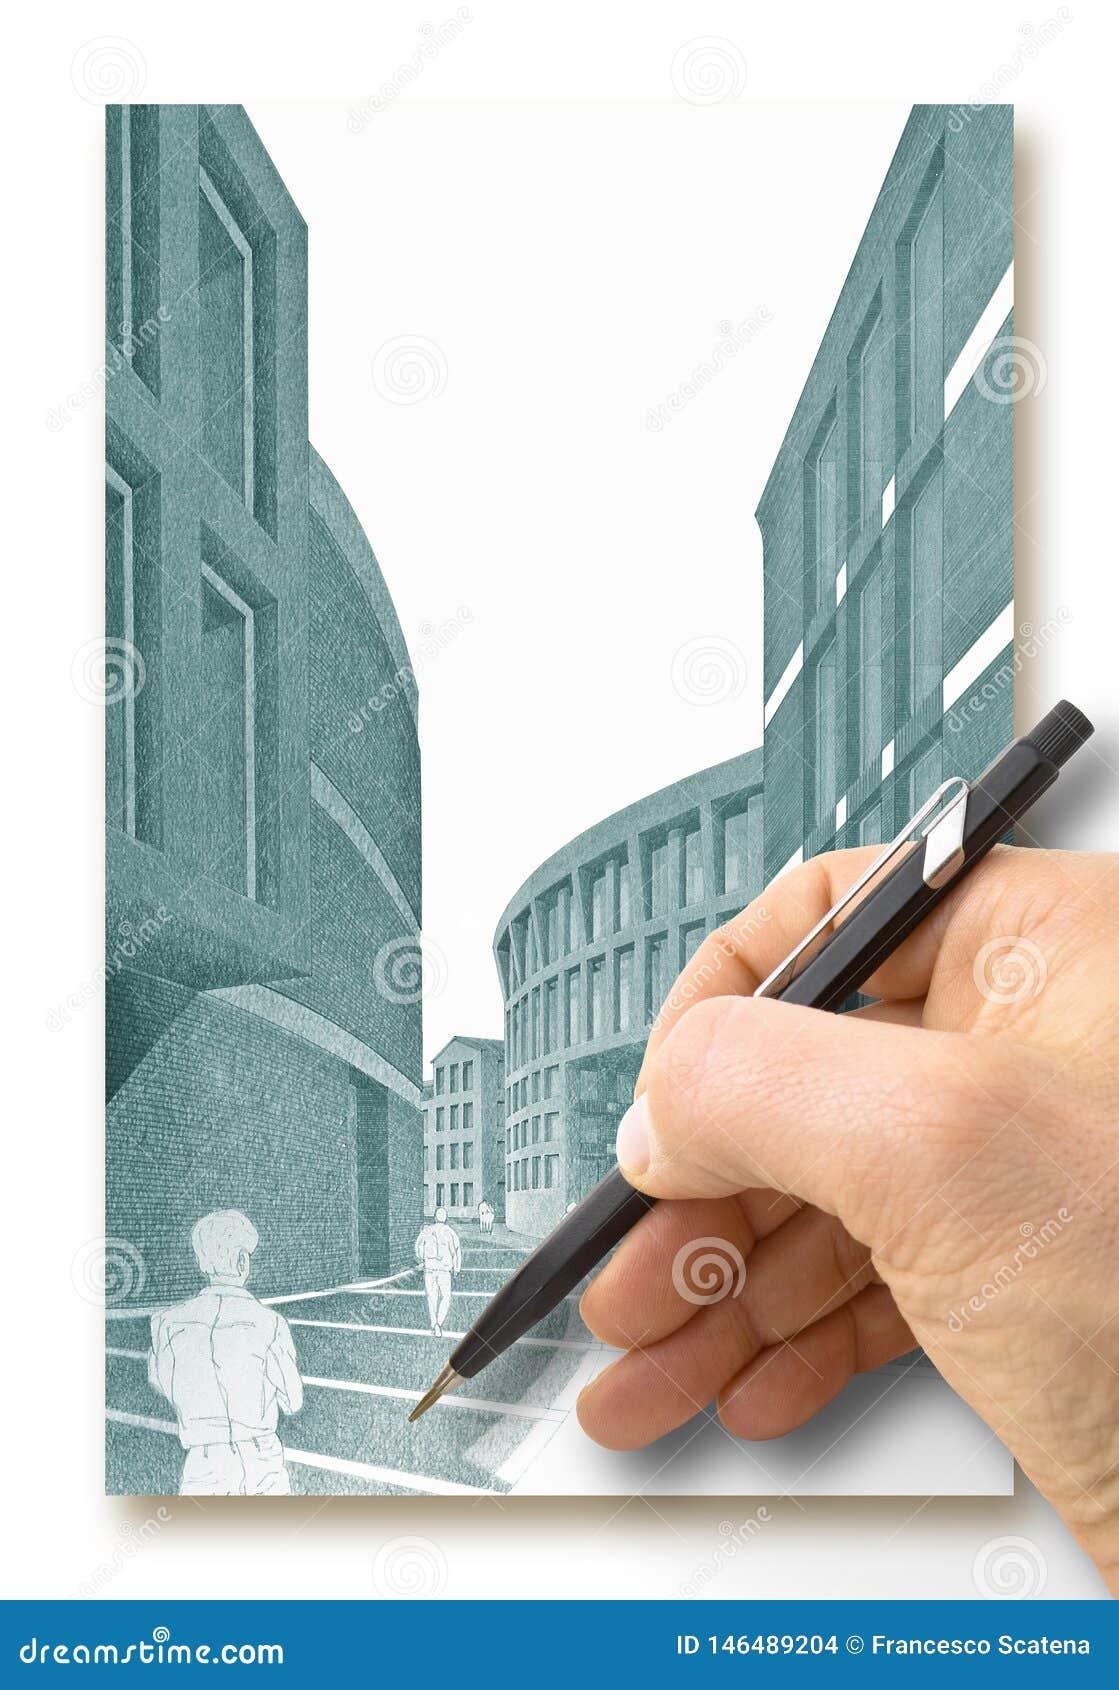 Ontwerp een nieuwe stad - Handtekening met een potlood een schets van een nieuwe moderne stad binnenland - conceptenbeeld - ik be